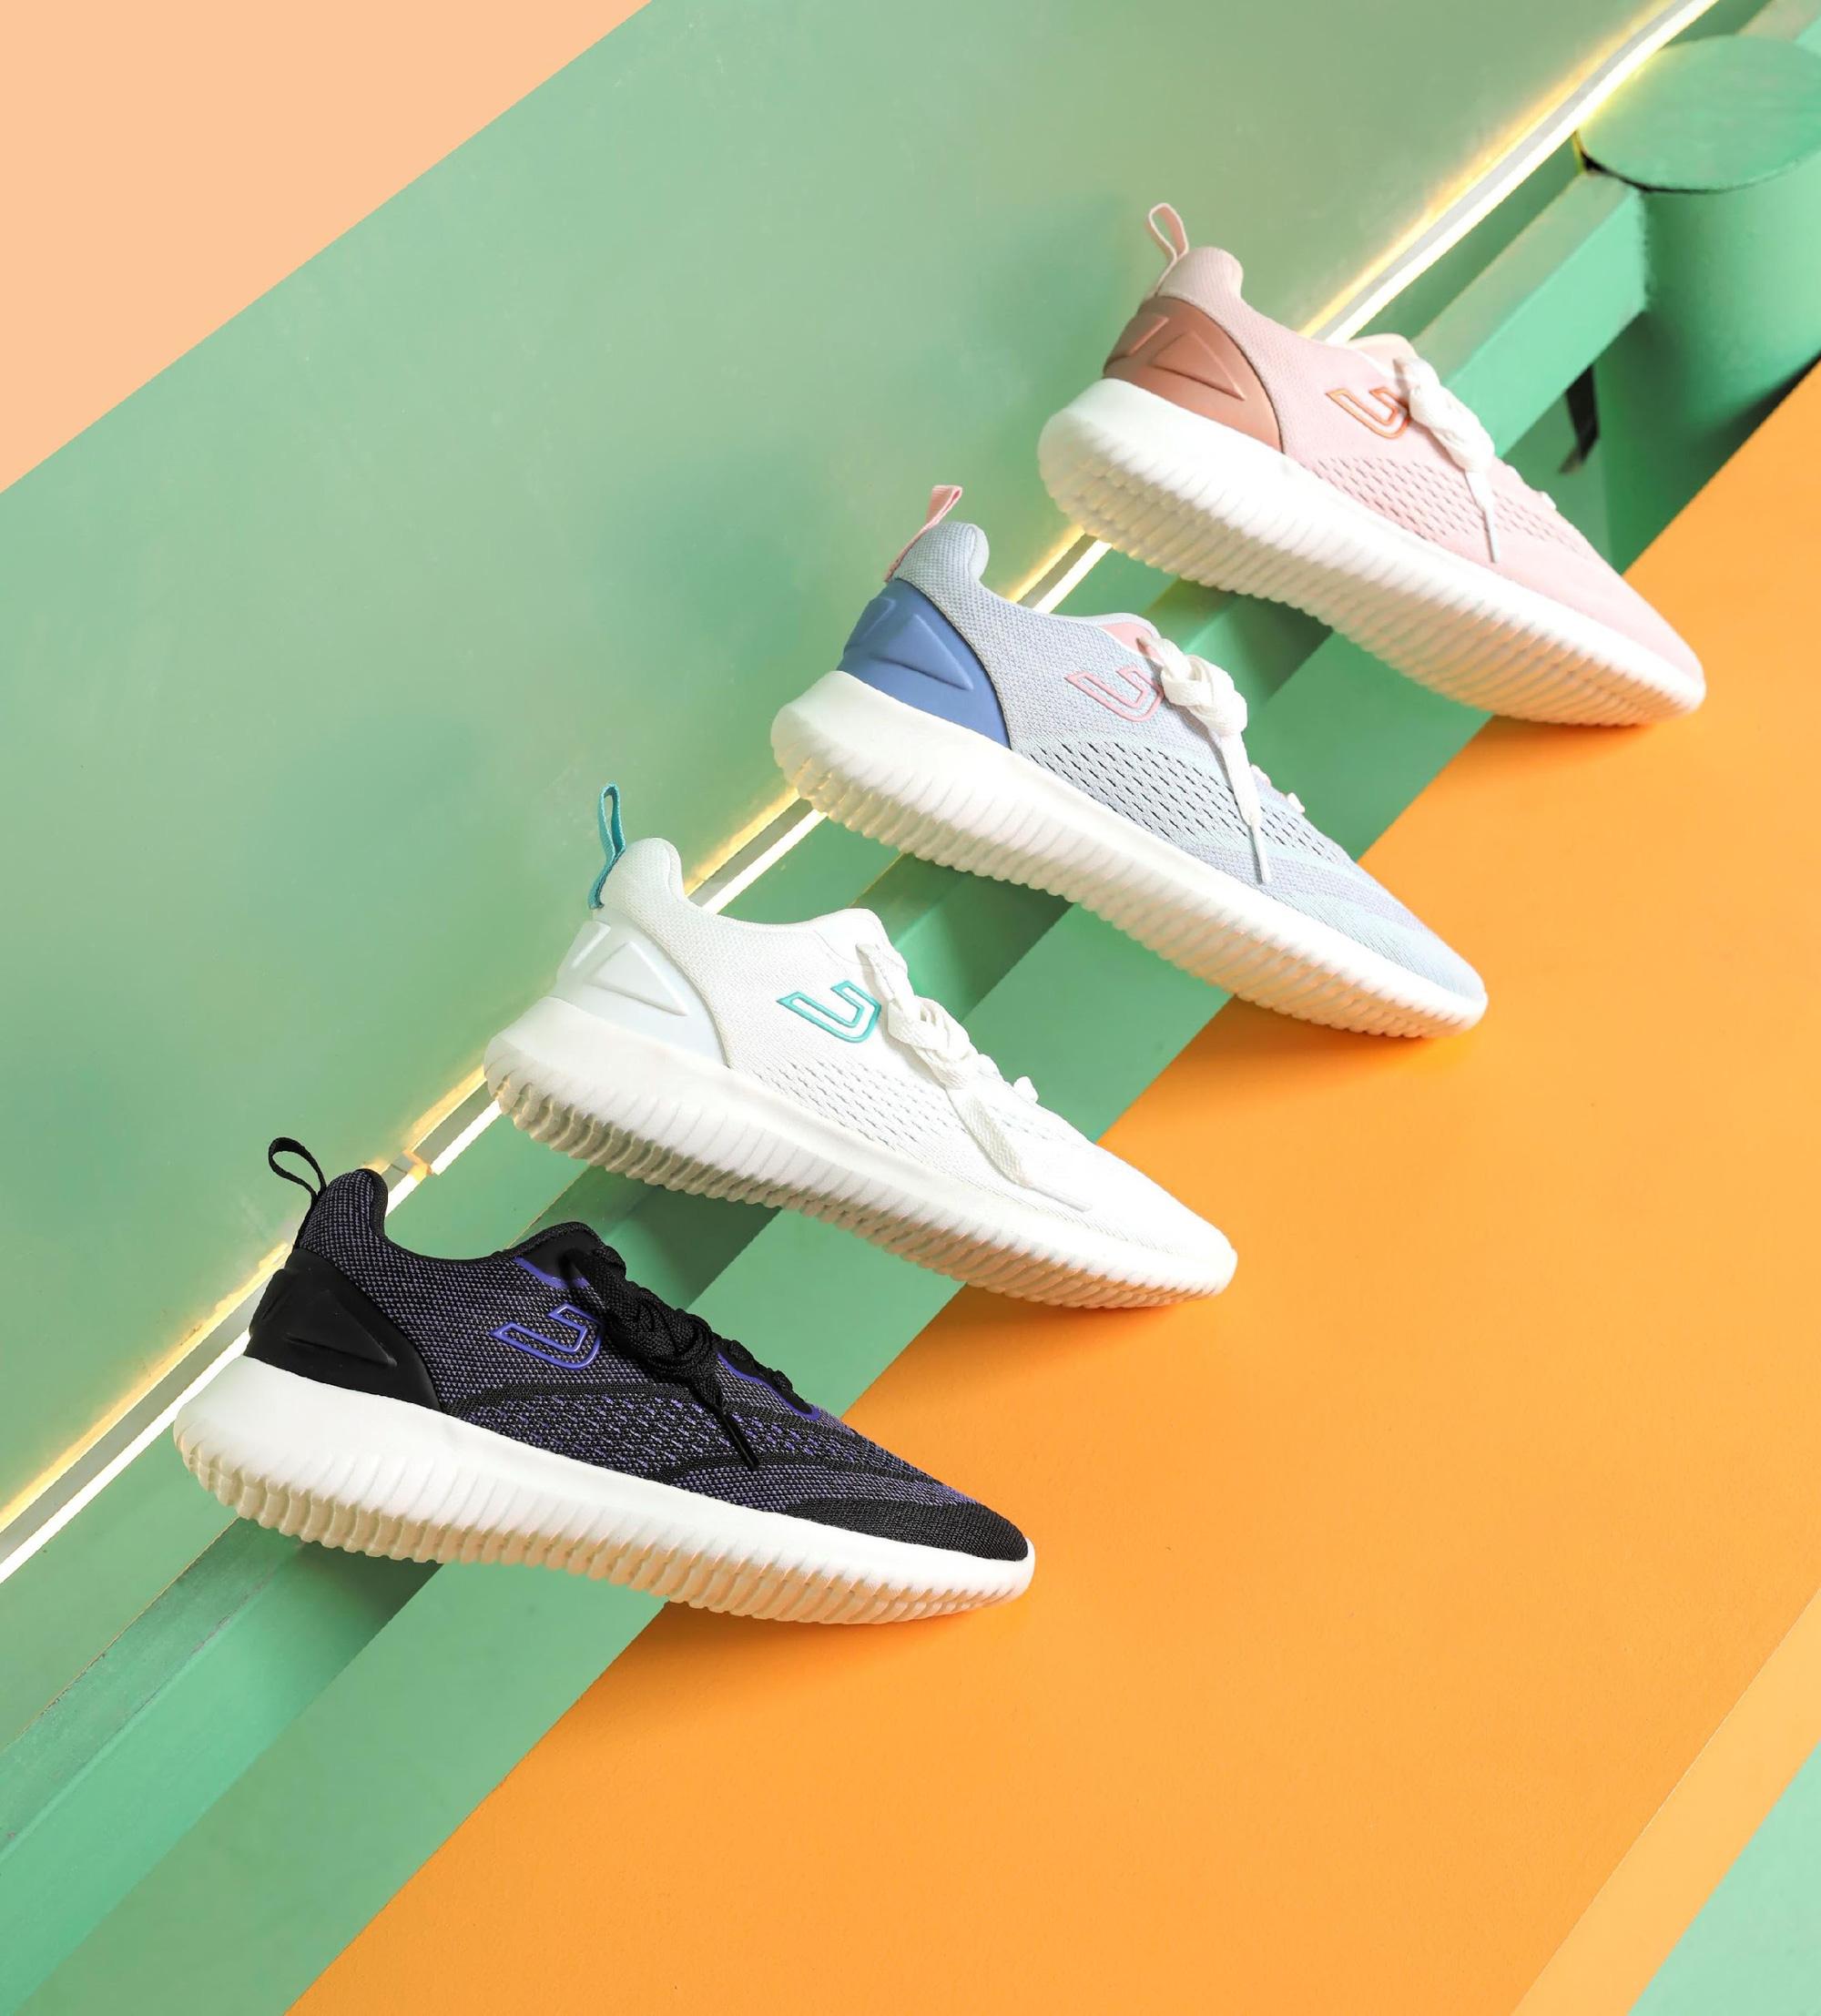 Tết này sắm ngay 5 mẫu sneakers trendy sau để mix kiểu gì cũng ổn, tiện học luôn cách thả thính cực hot bằng dây giày-7